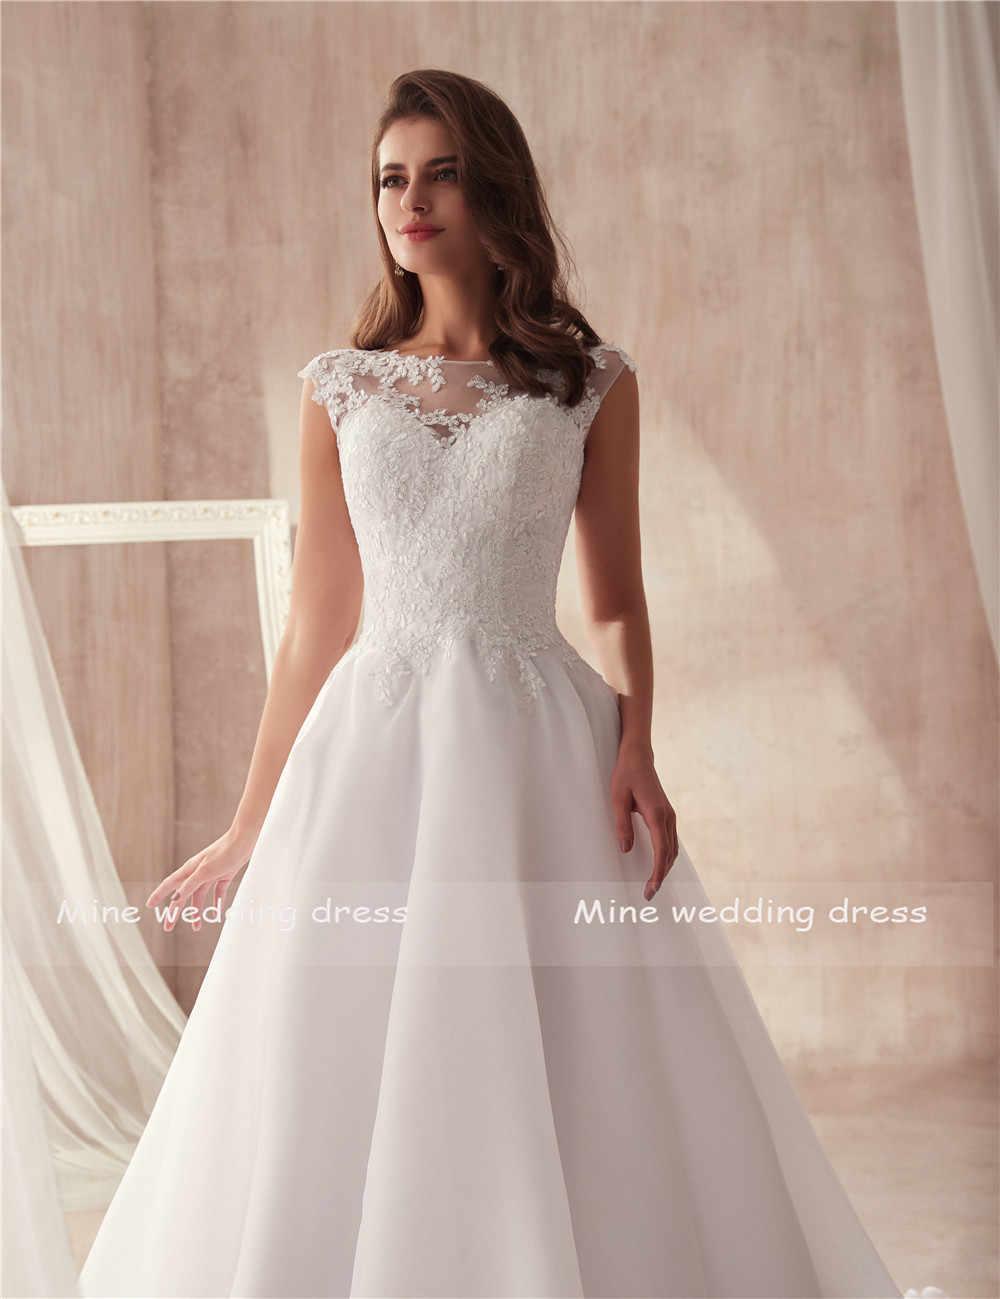 סקופ שרוולים אונליין אורגנזה חתונת שמלה פשוט סגנון vestido לונגו מותאם אישית שנעשה כלה שמלת ממפעל ישירות